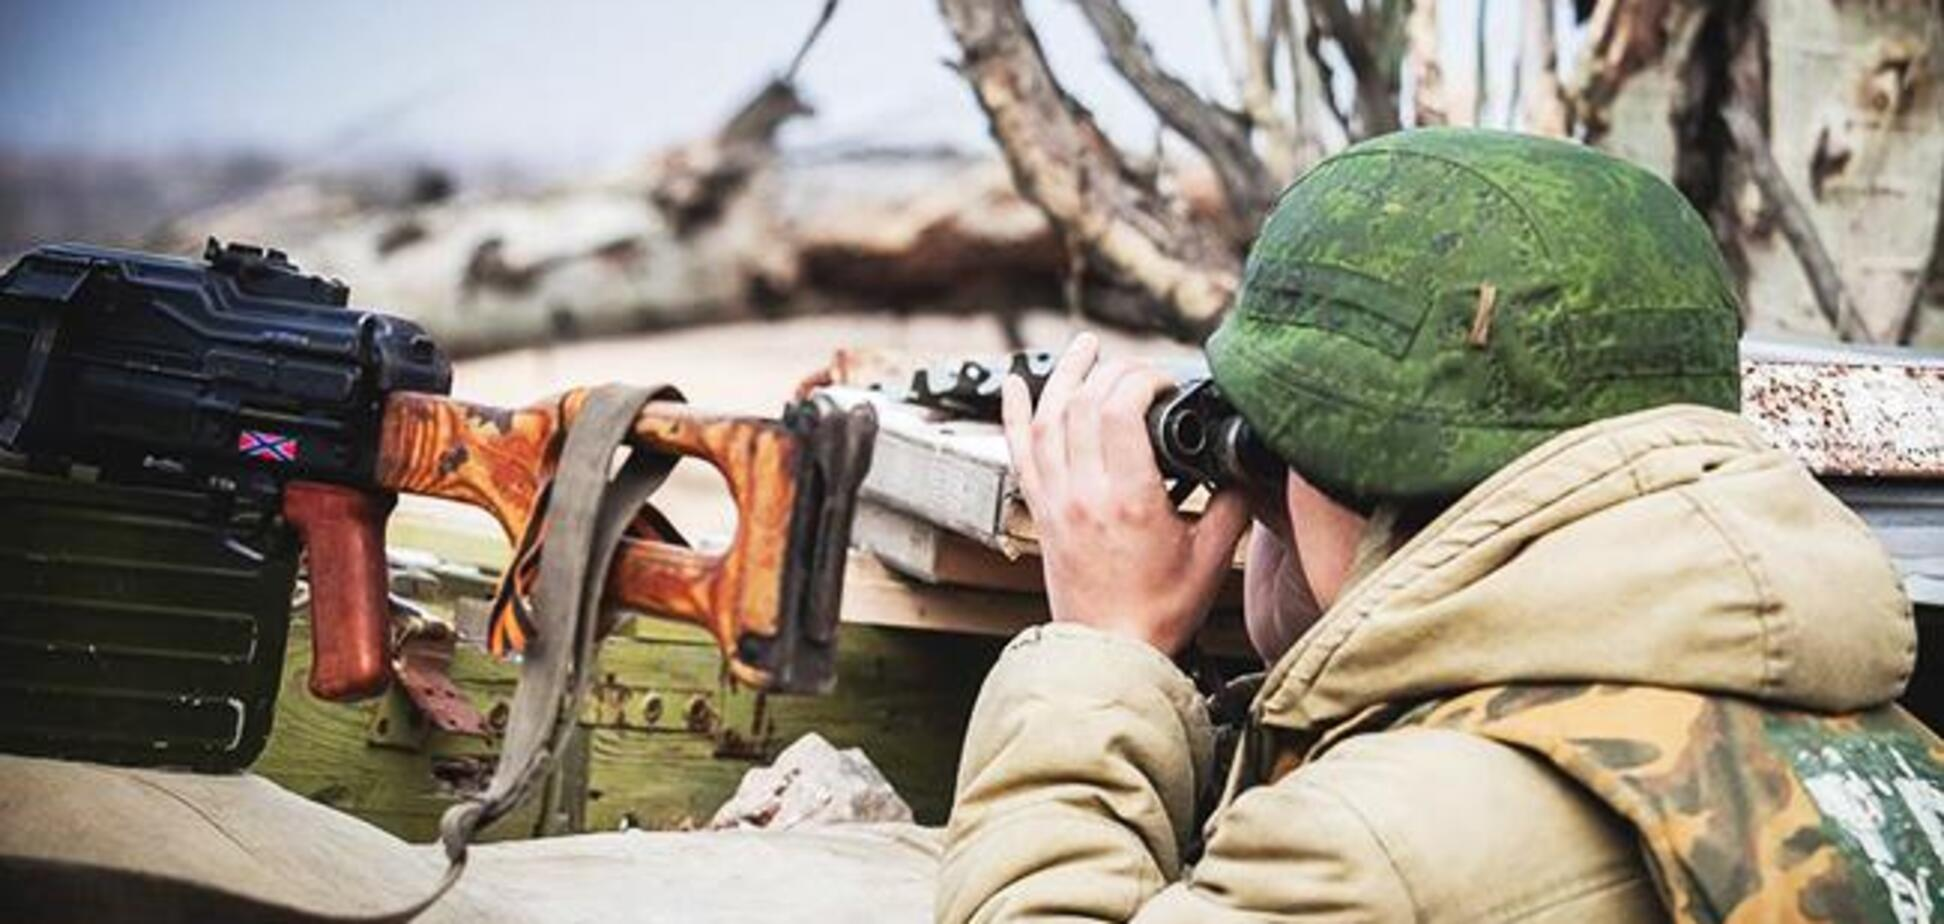 Окупанти будують лінію оборони на Донбасі за рахунок місцевого населення - розвідка